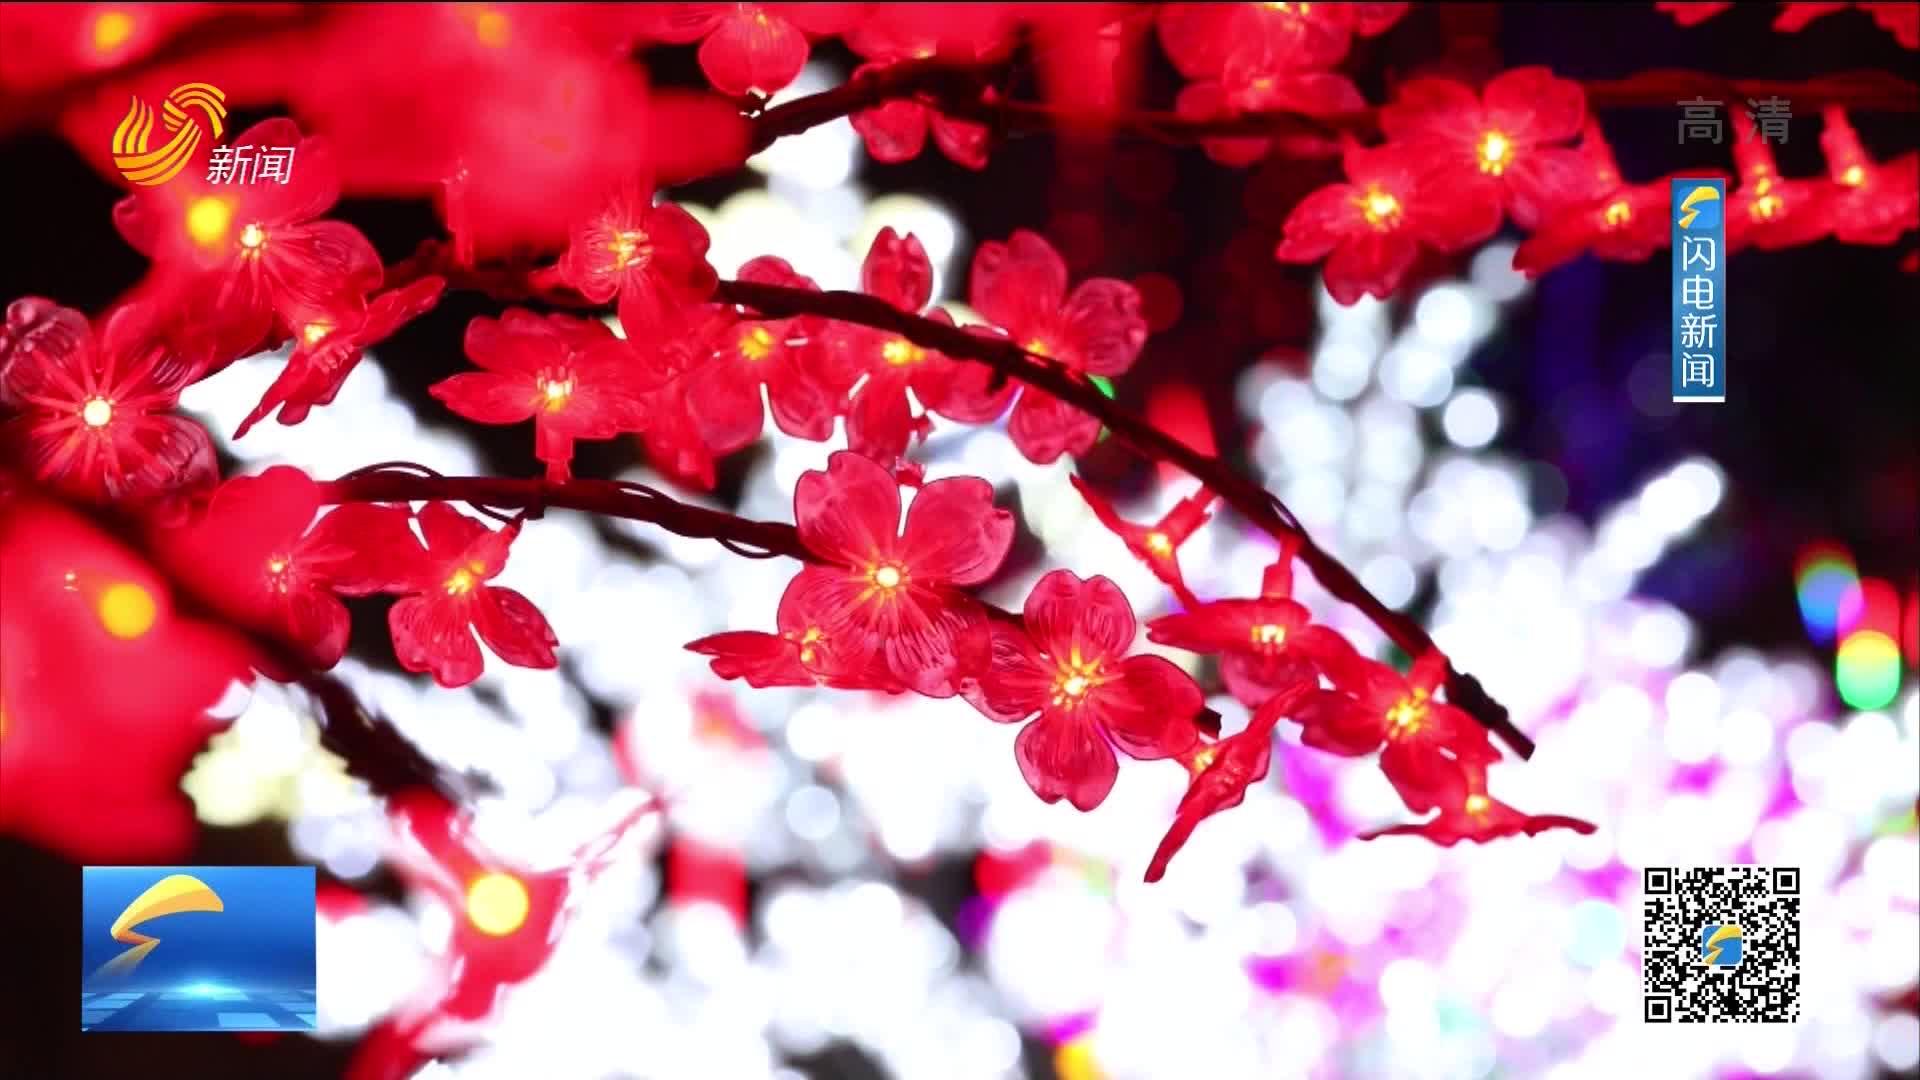 【大美东营】东营:流光溢彩 彩灯点亮新年新生活